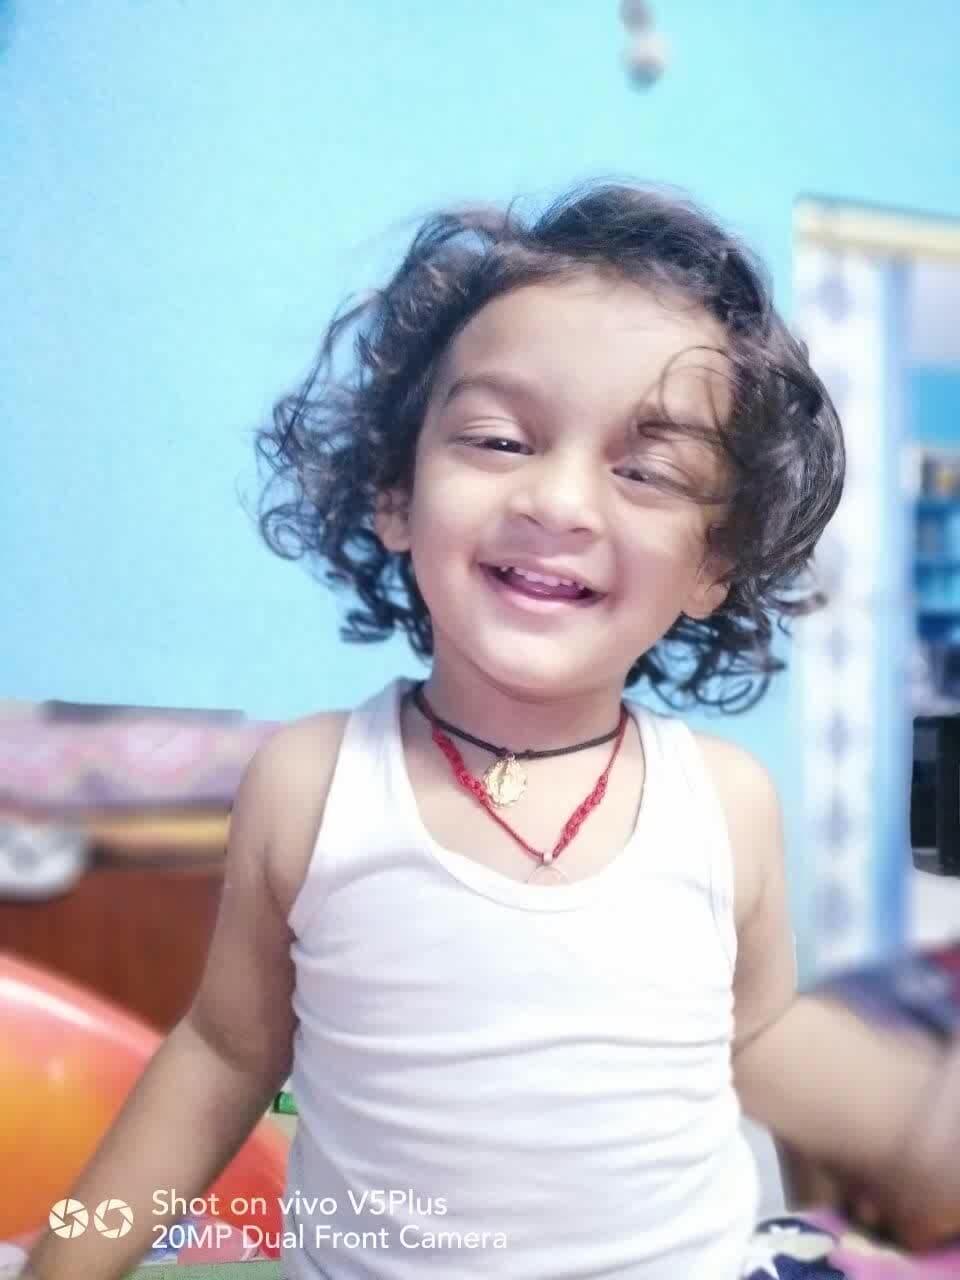 thecuteboy#curlyhair#very_fair #albanian #cutieee #smilee #alwayshappy #ummaa